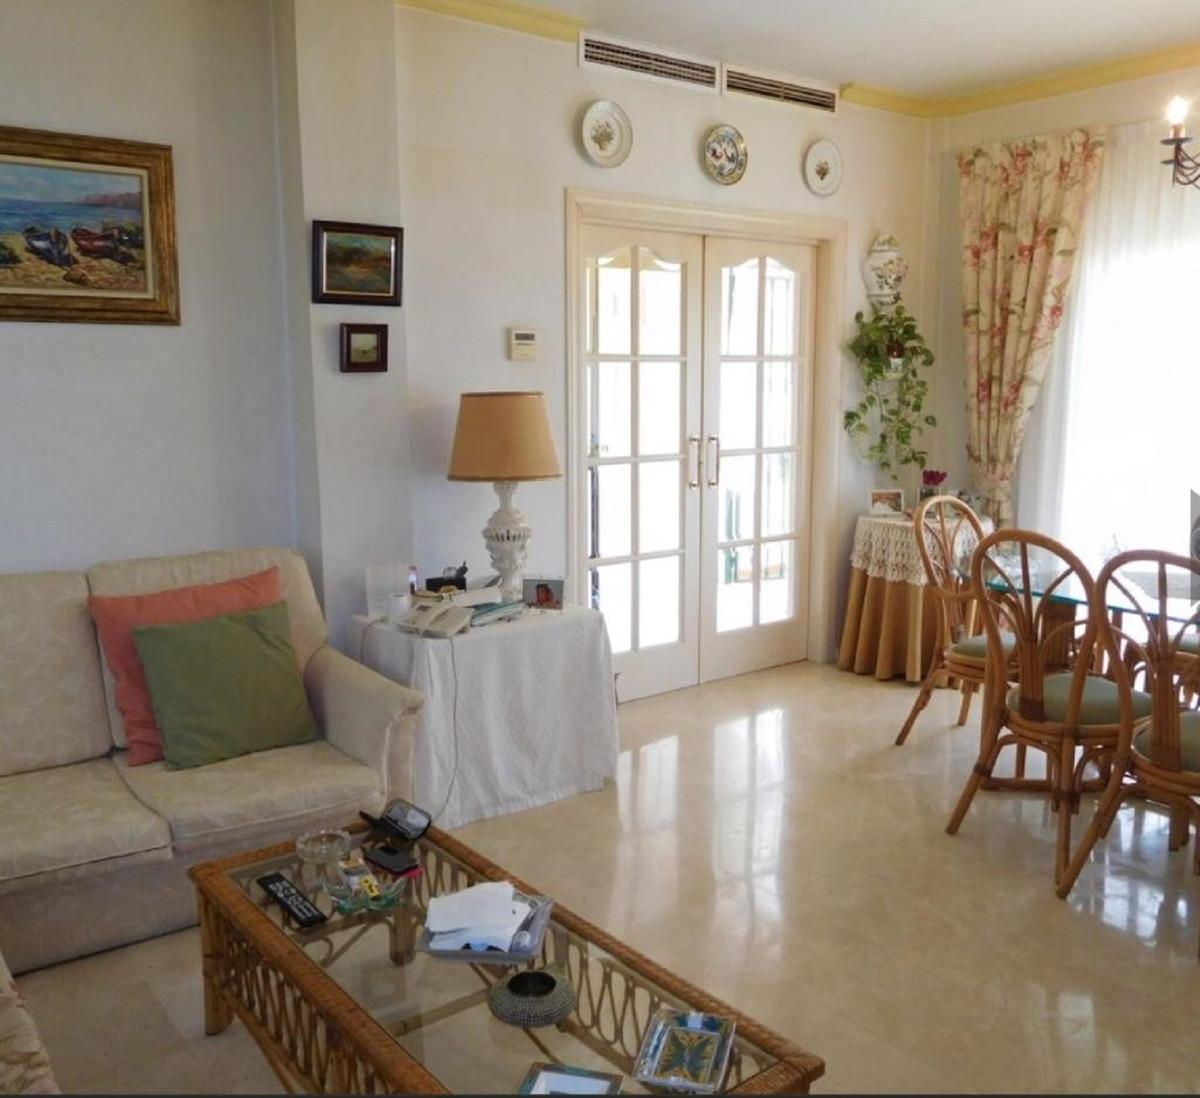 Villa con 4 Dormitorios en Venta Los Boliches